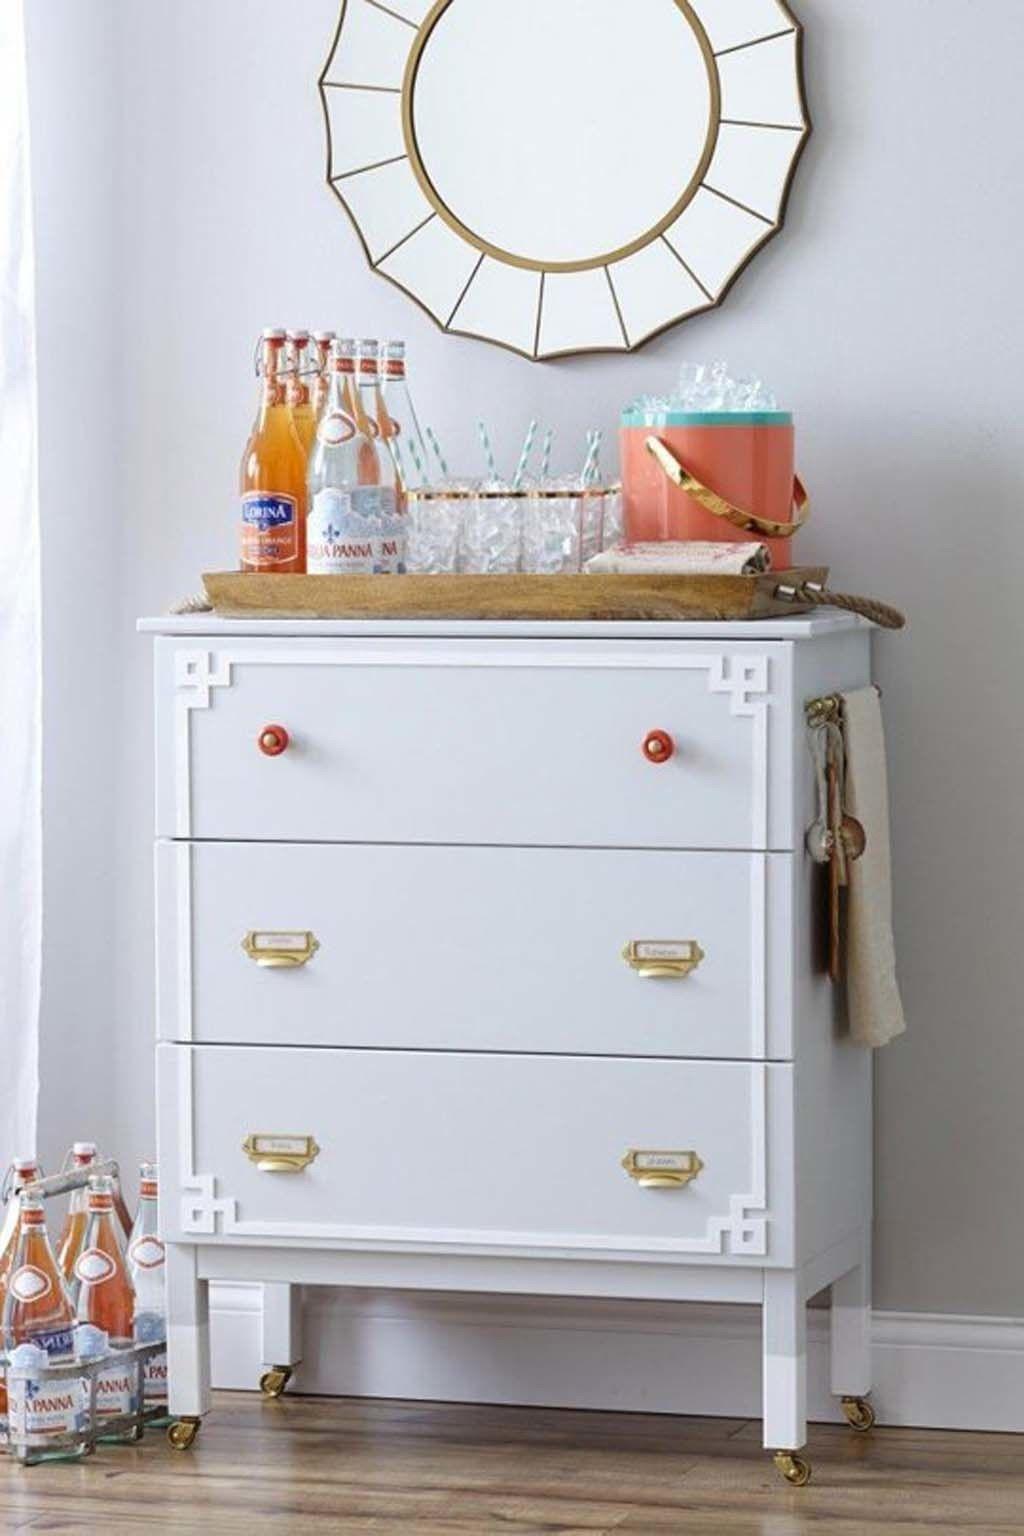 Bricolaje Tunear Muebles Ikea Top Ideas Para La Cmoda Rast De  # Muebles Tuneados